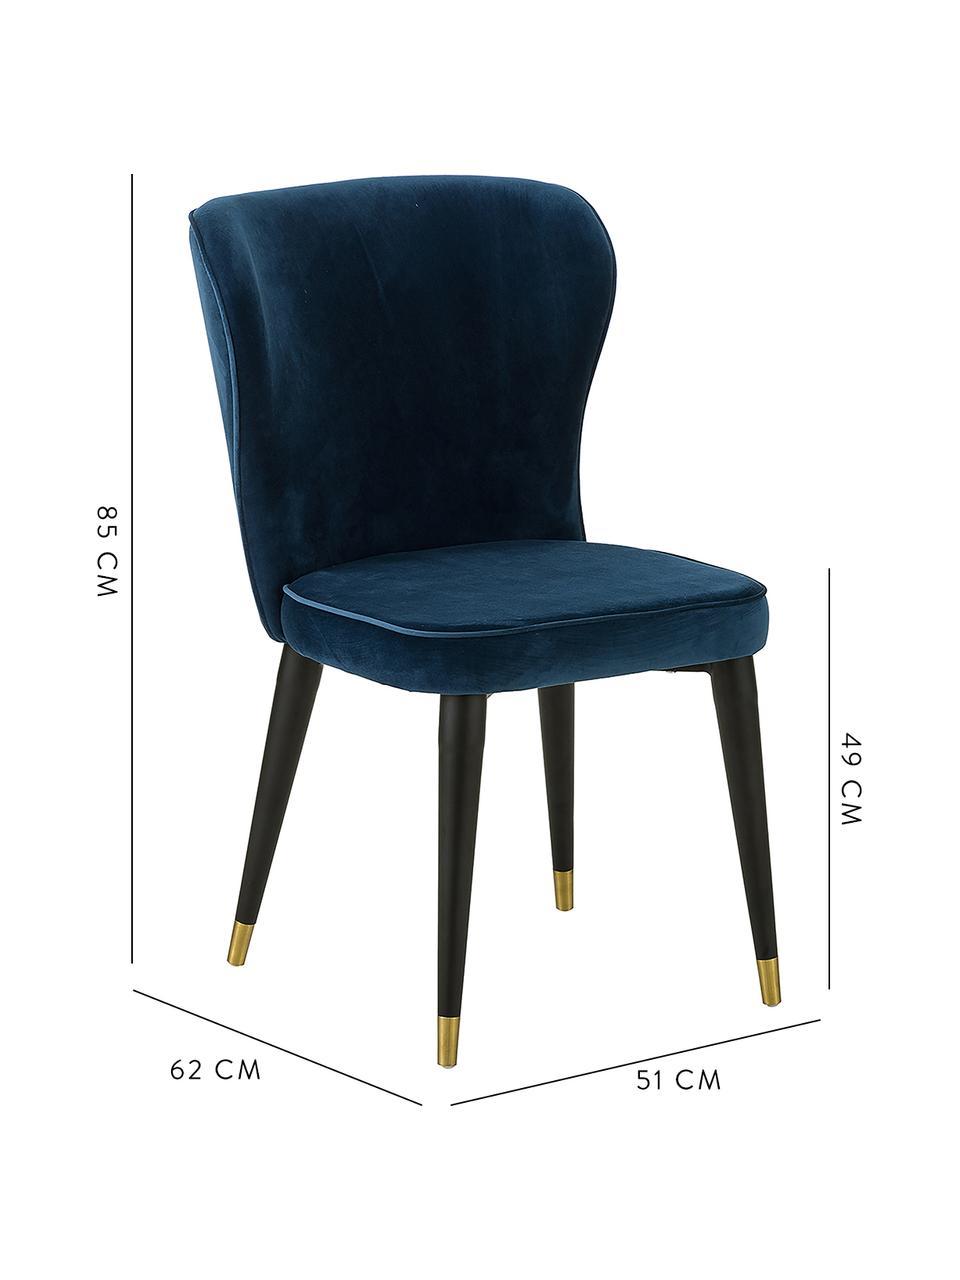 Klassischer Samt-Polsterstuhl Cleo, Bezug: Samt (Polyester) Der hoch, Beine: Metall, lackiert, Dunkelblau, B 51 x T 62 cm